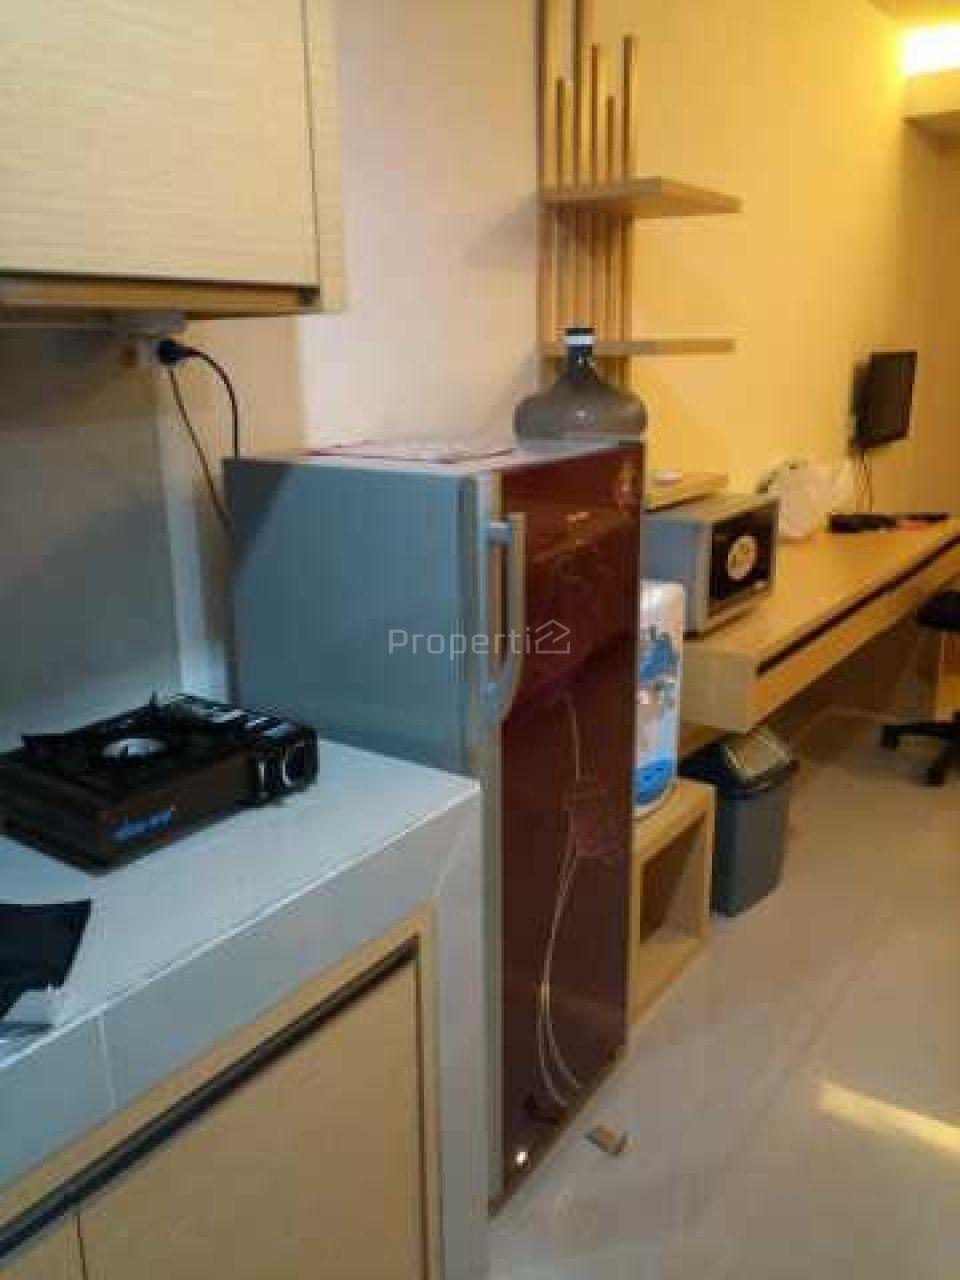 Exclusive Apartment Unit at Galeri Ciumbuleuit 2, 31th Floor, Kota Bandung